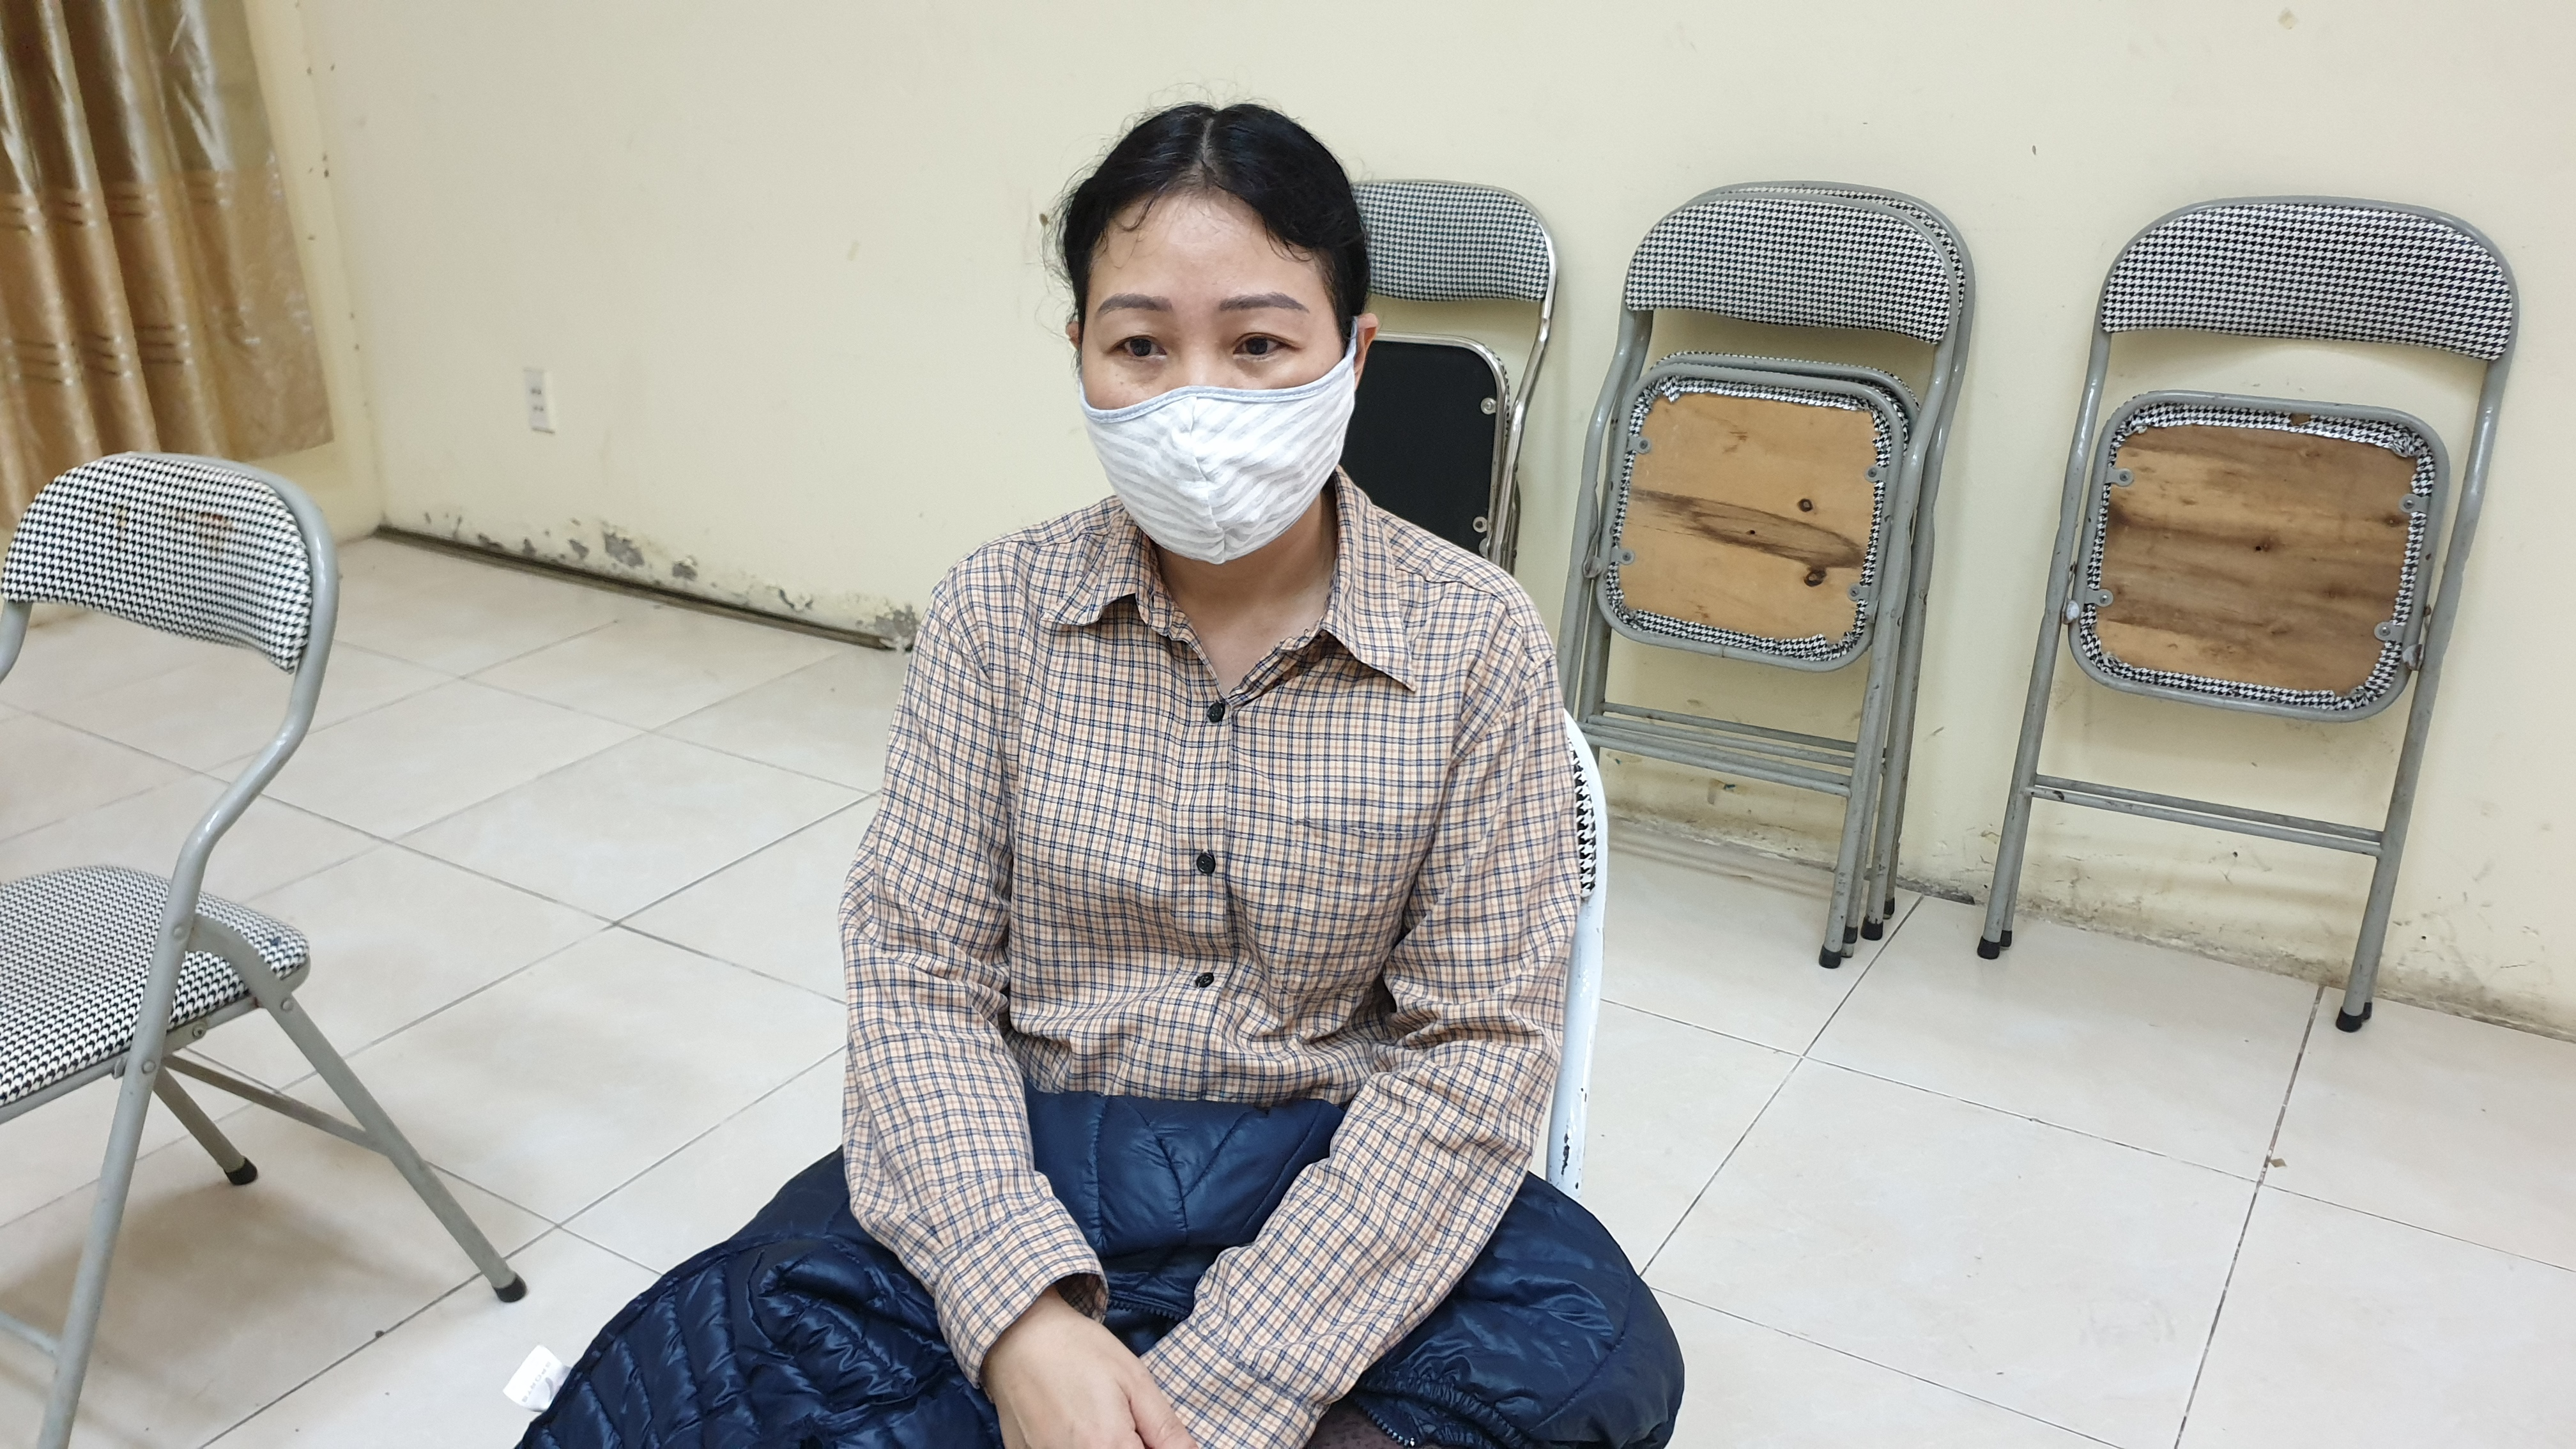 Vợ bị tâm thần, người bảo vệ nghèo xúc động nhận gạo từ thiện của ca sĩ Trọng Tấn